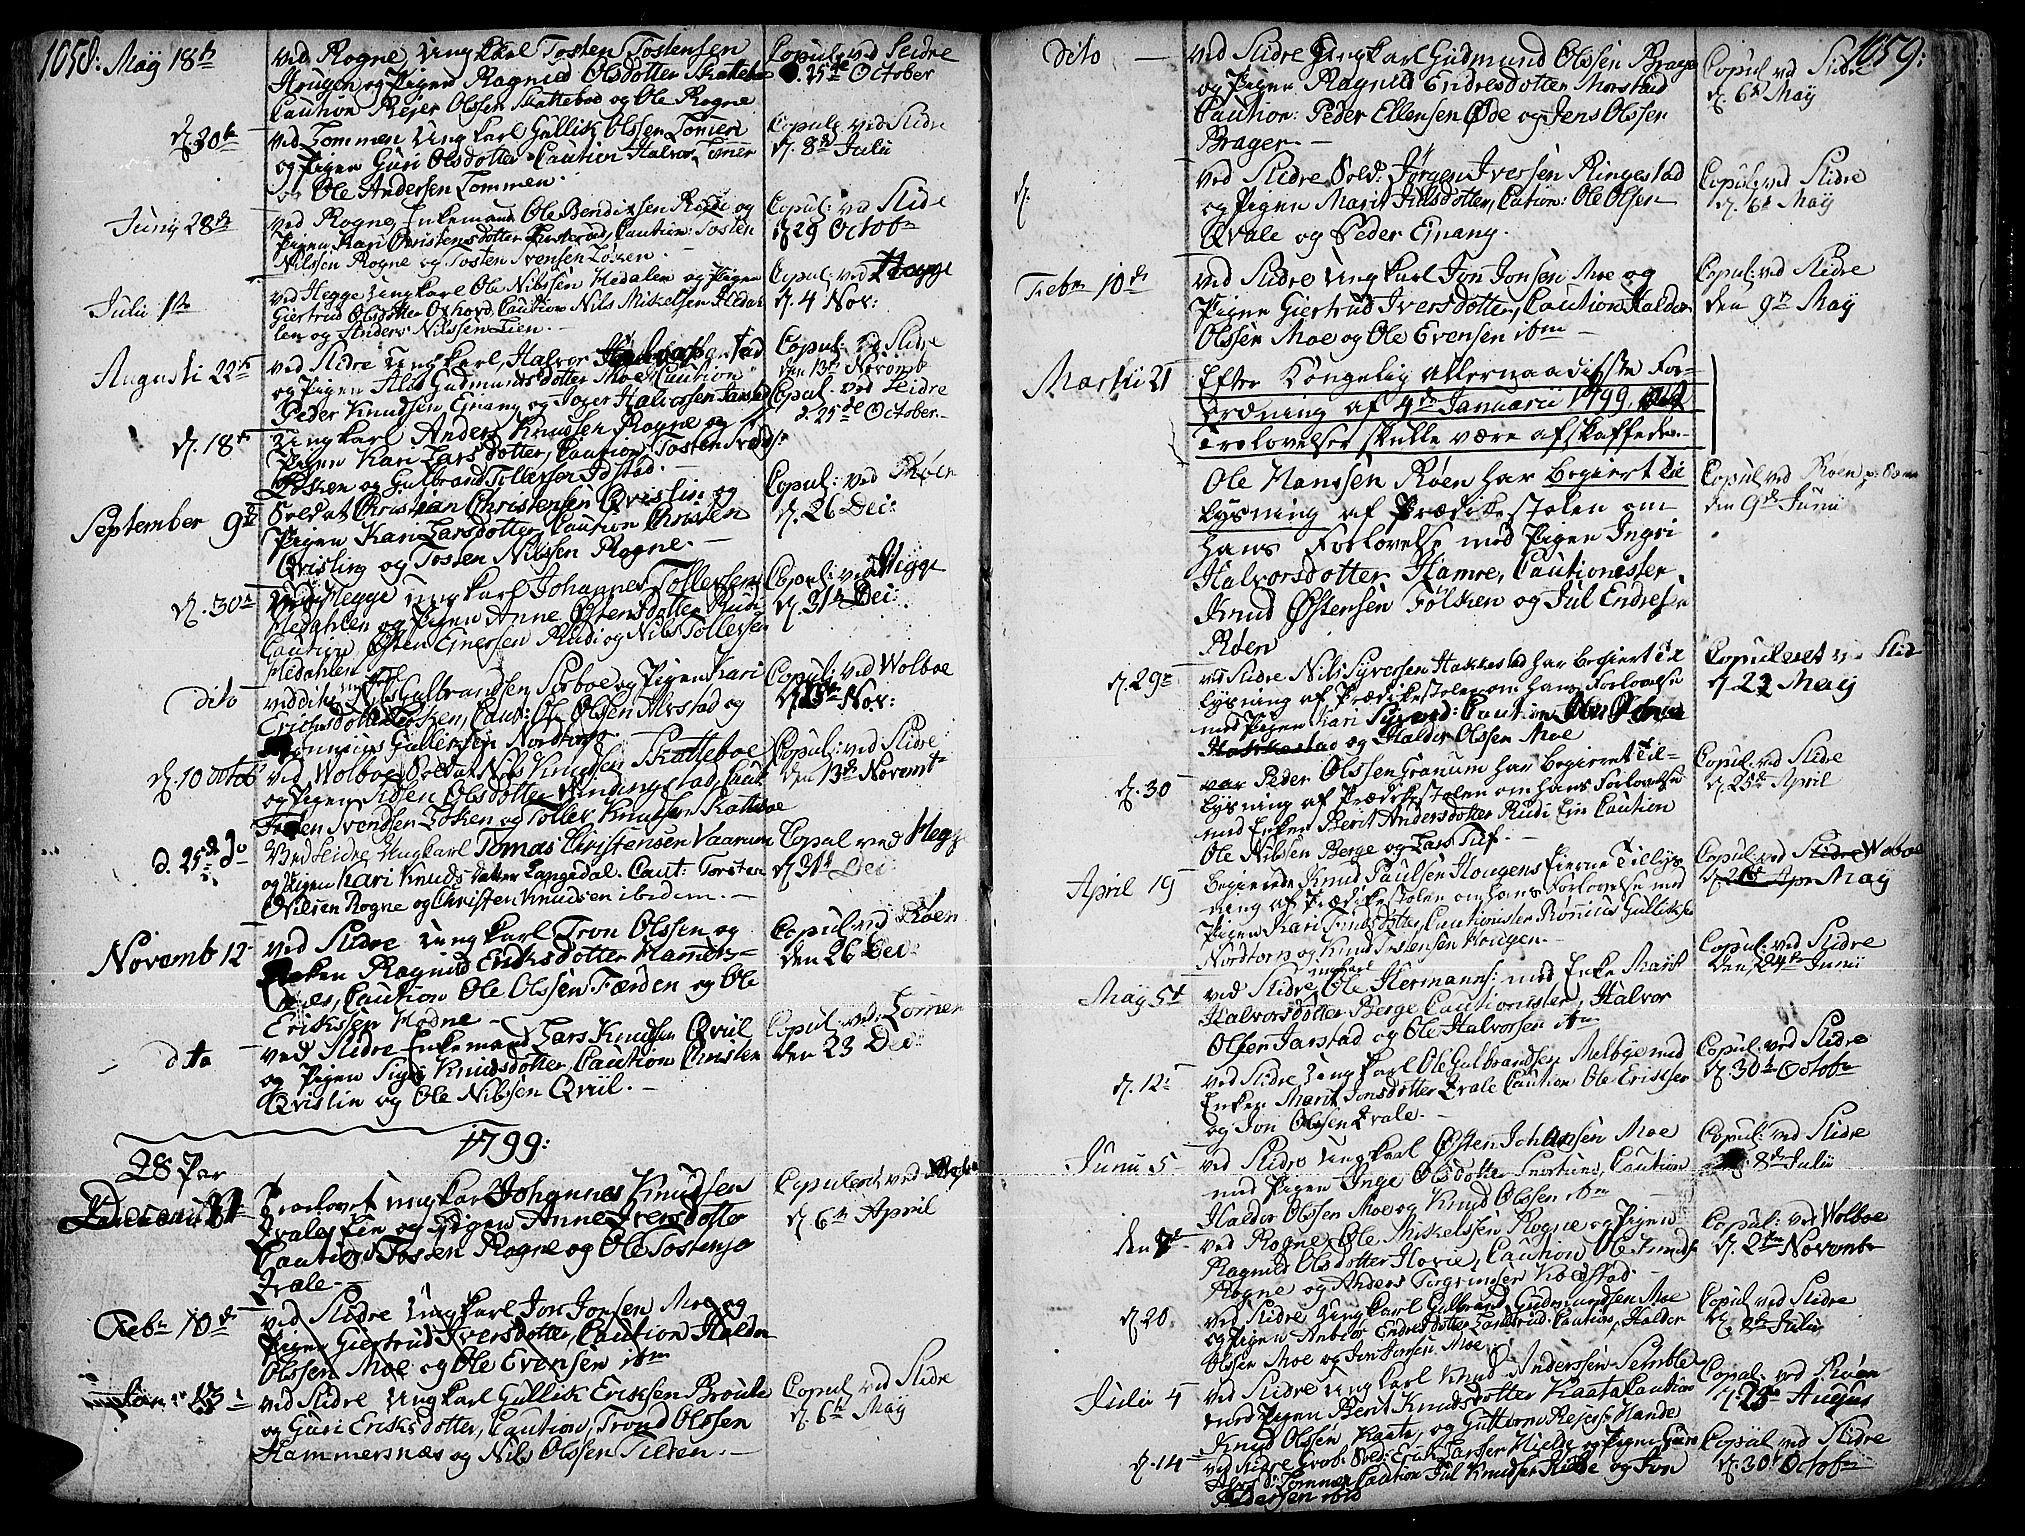 SAH, Slidre prestekontor, Ministerialbok nr. 1, 1724-1814, s. 1058-1059